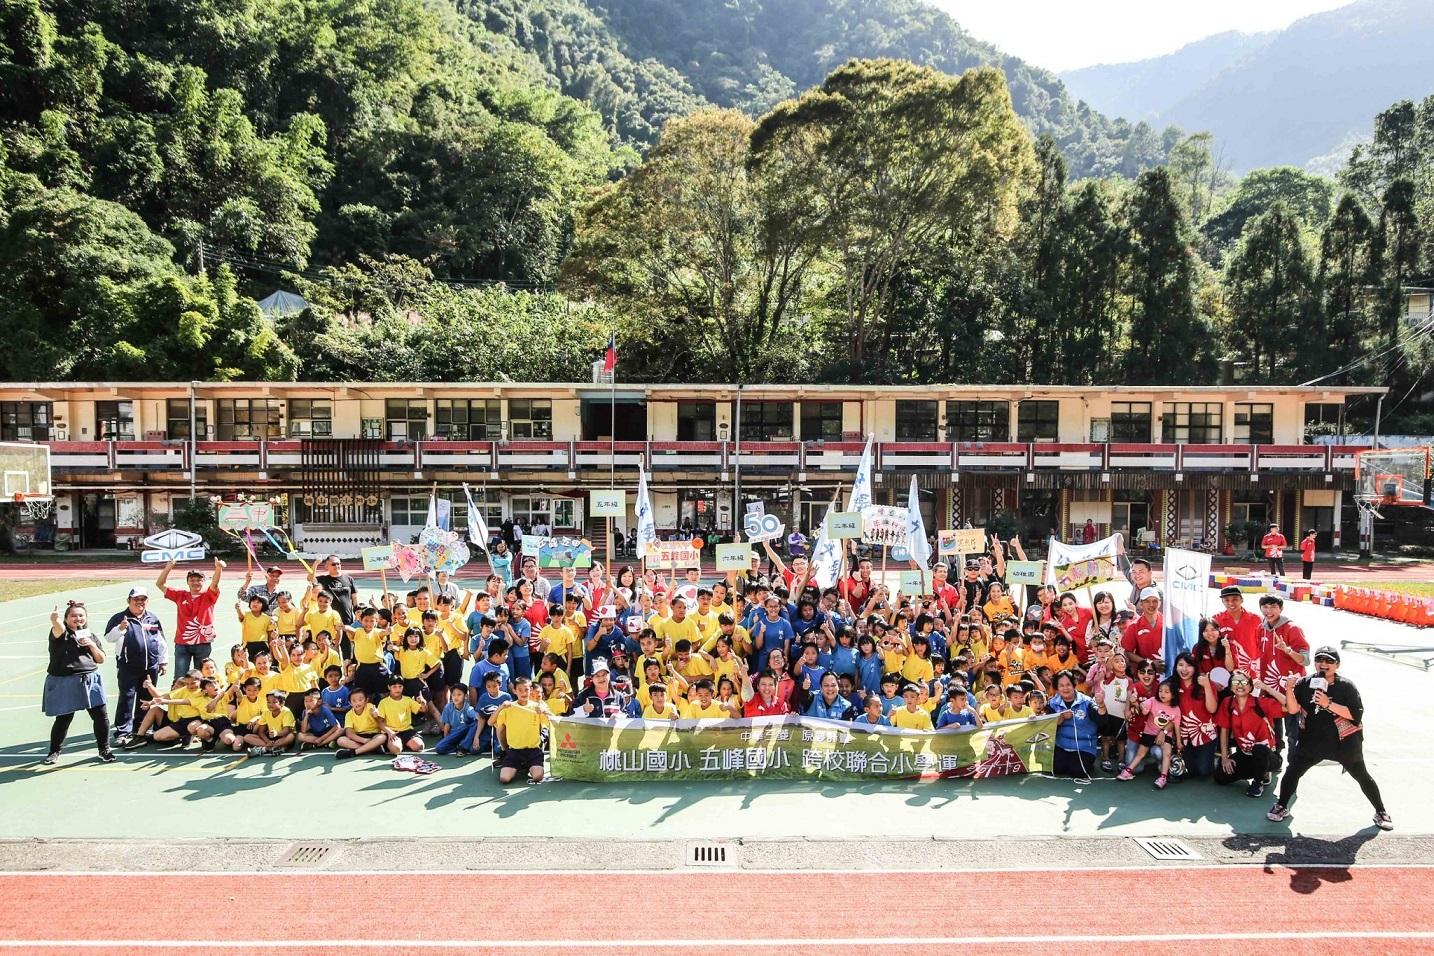 2019偏鄉小學運聚焦原鄉,為桃山國小、五峰國小舉辦跨校聯合運動會。